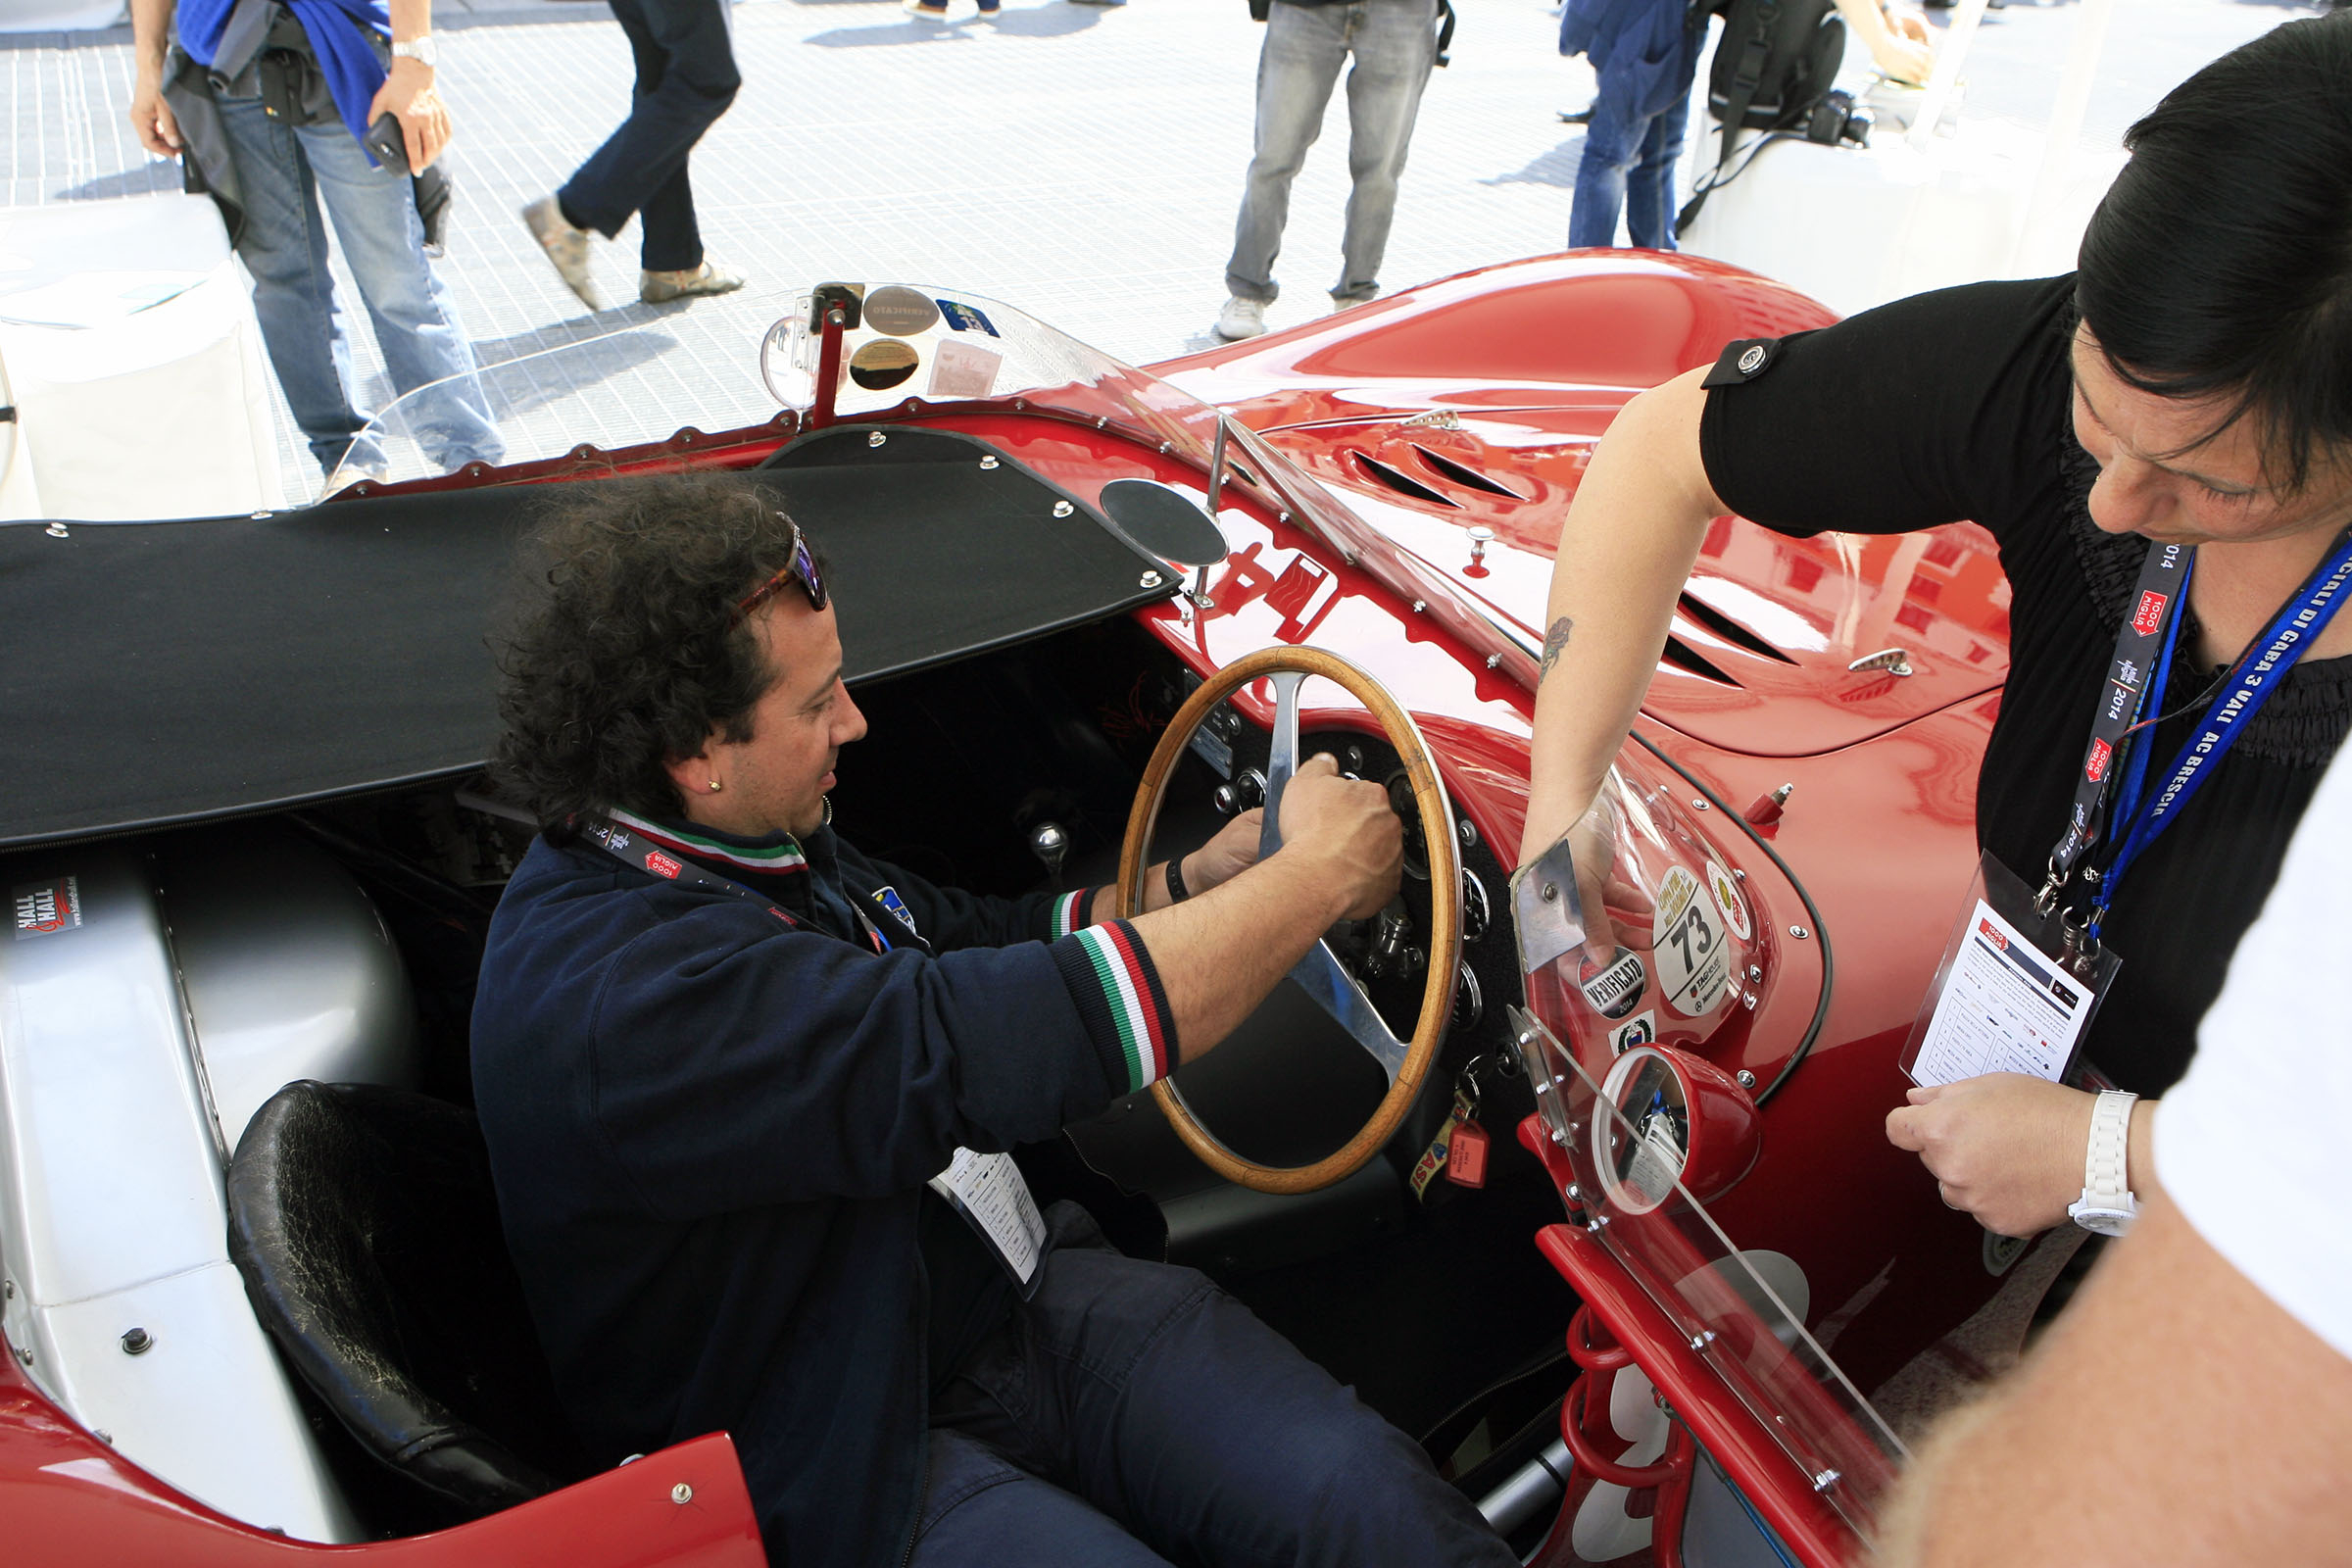 440 - WOOD Kevin (GB) + DEVINE Jim (GB) - Maserati 200 SI (1957)